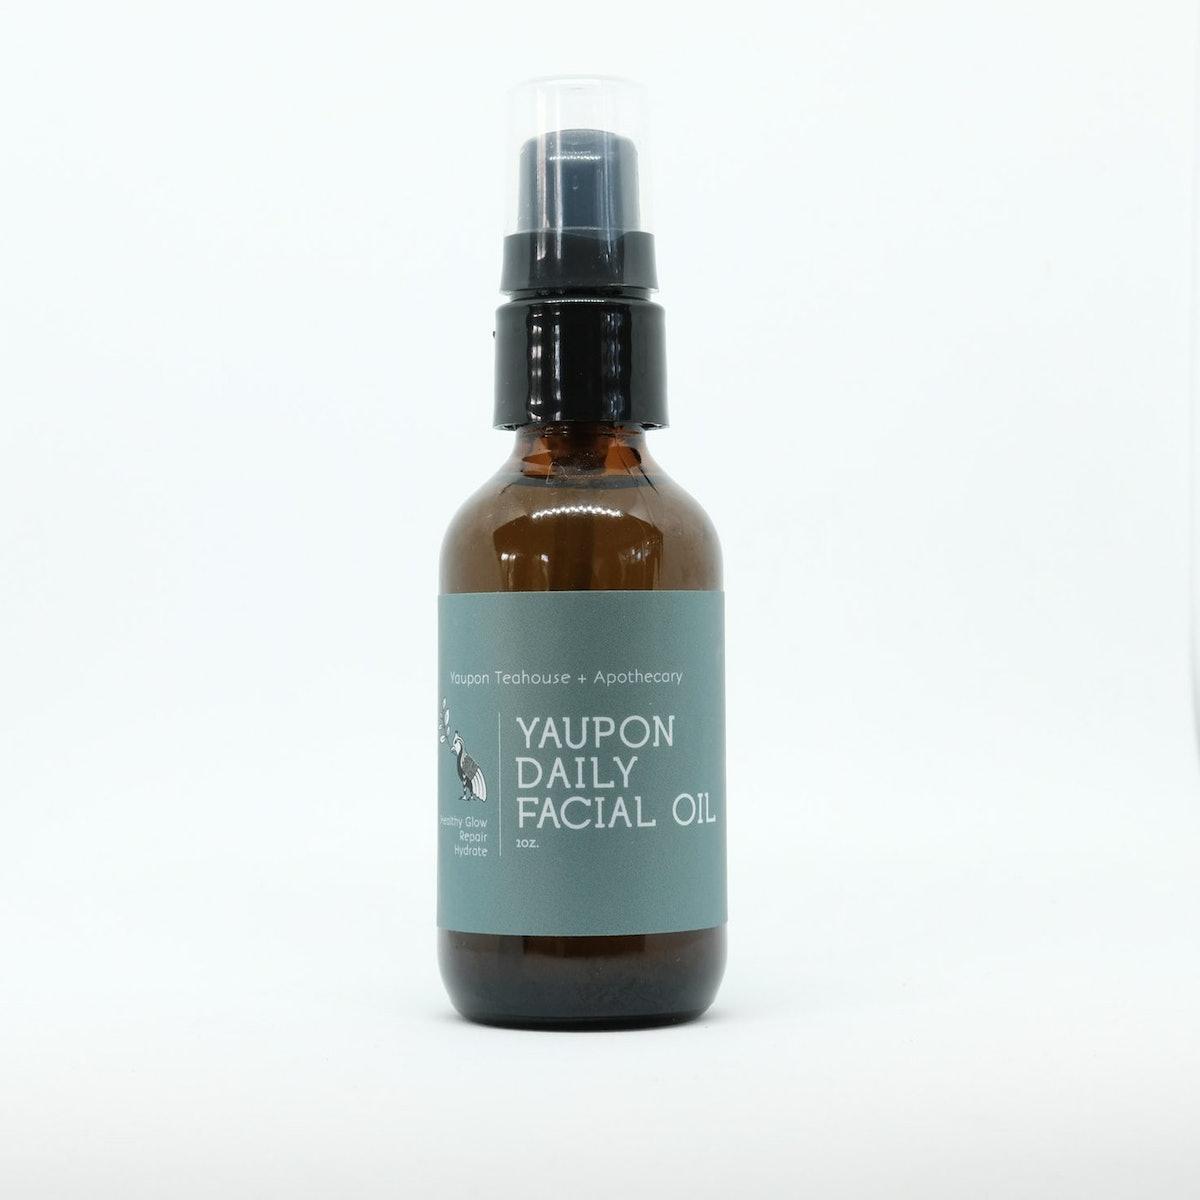 Daily Facial Oil